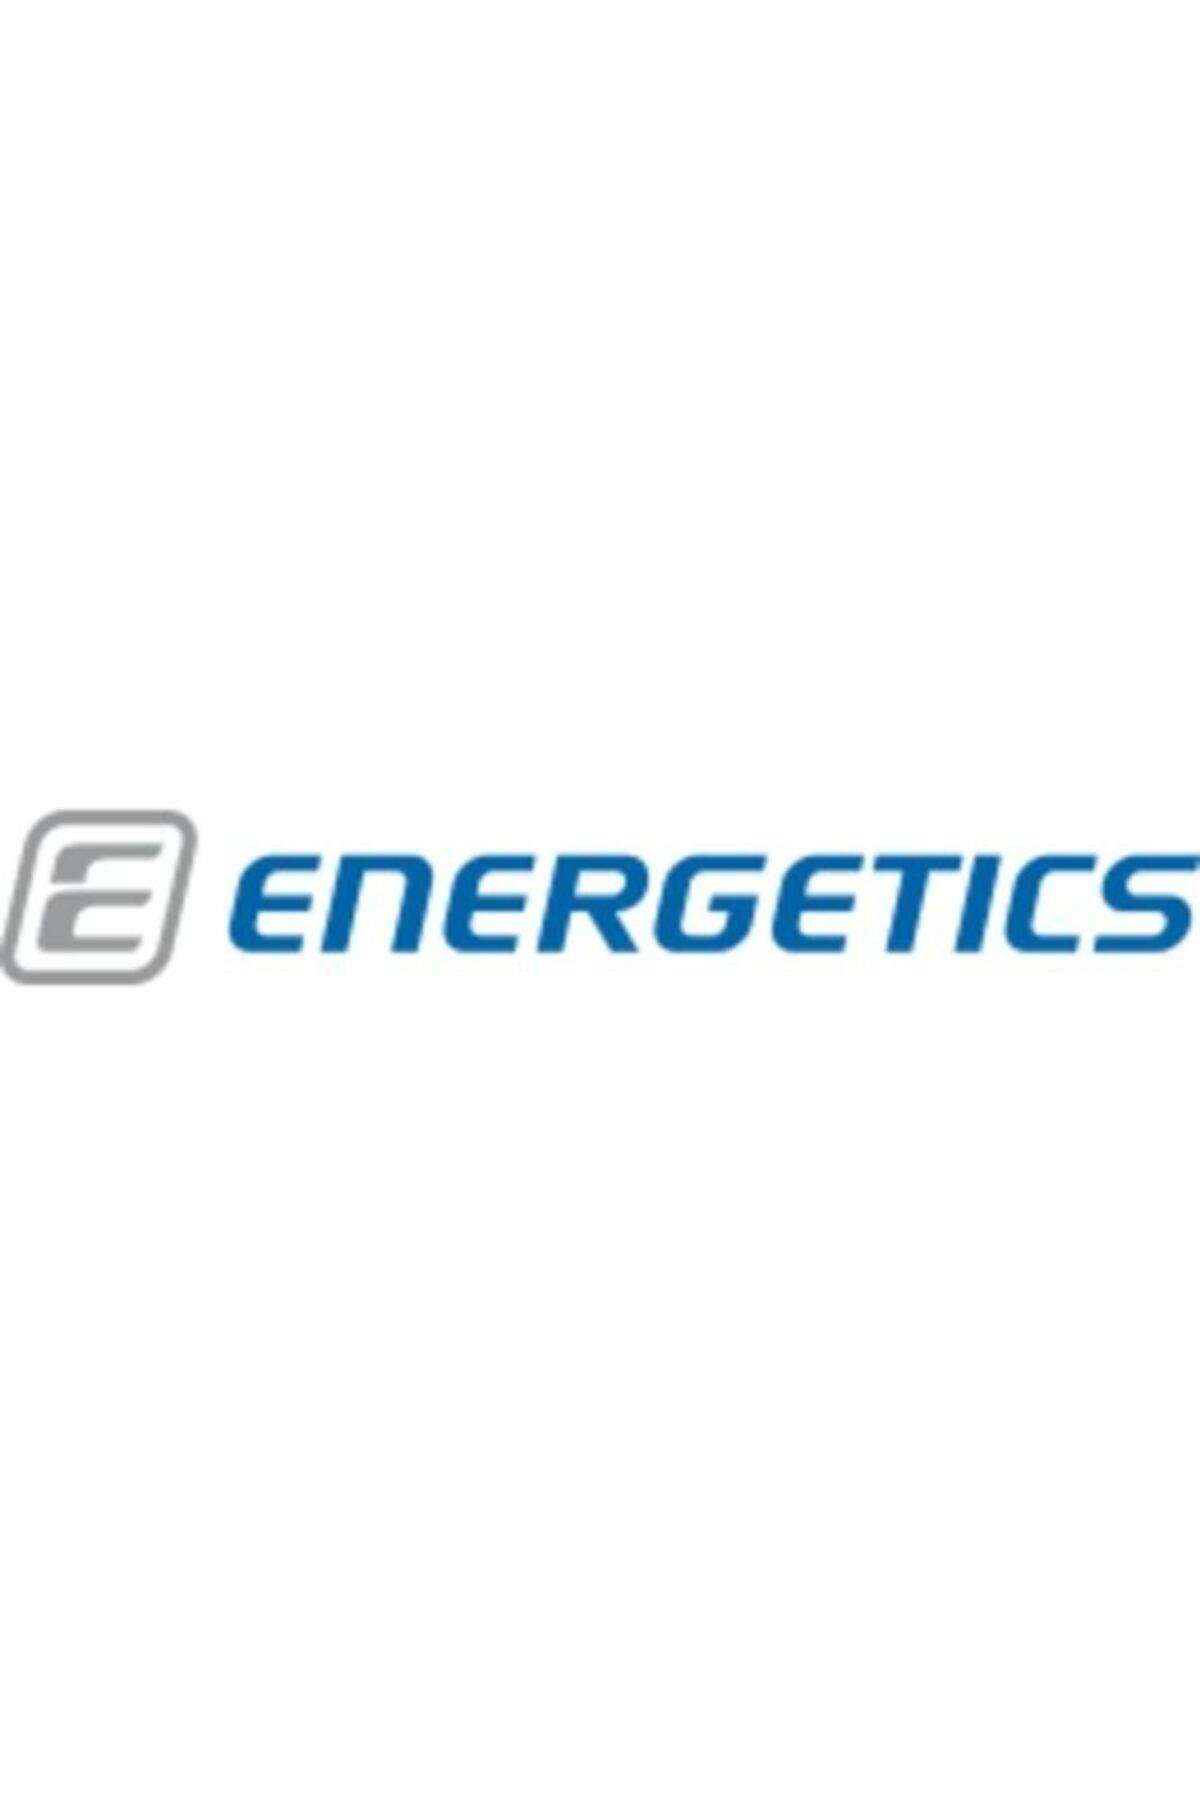 Energetics Aerobic Work Weight El Ağırlığı Siyah/mavi 2x1kg Siyah/mavi 2